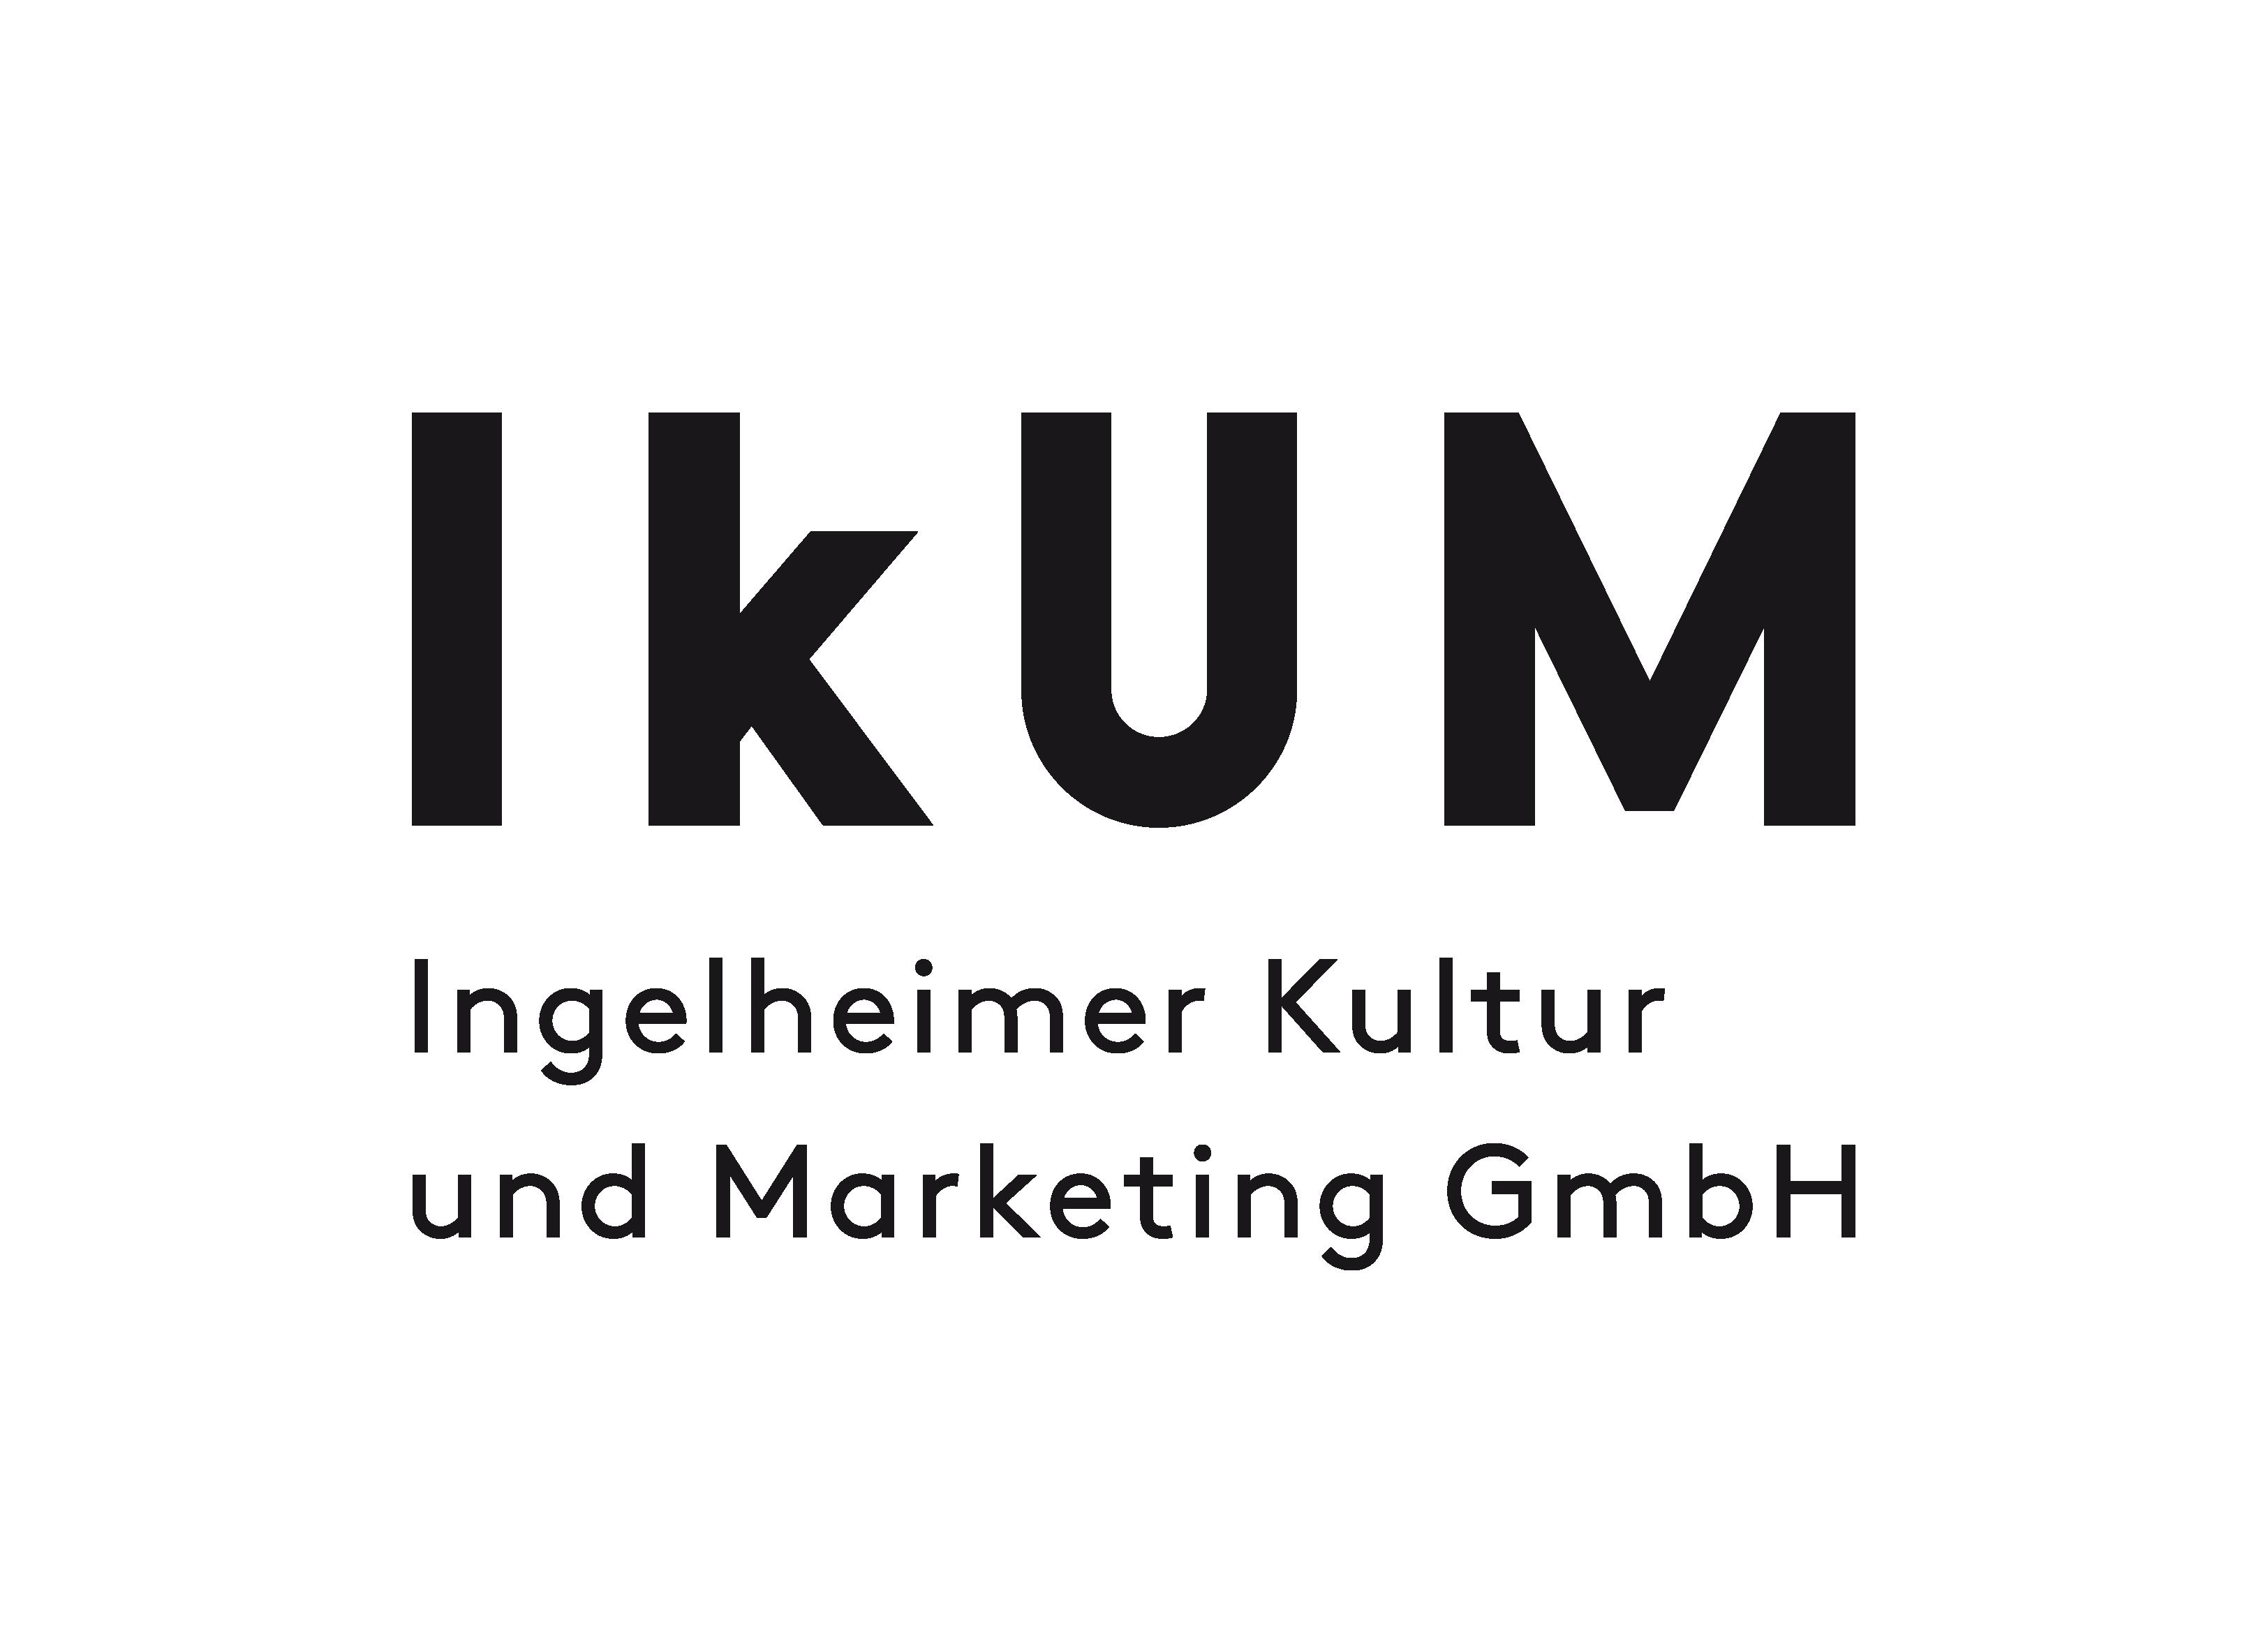 Ingelheimer Kultur und Marketing GmbH